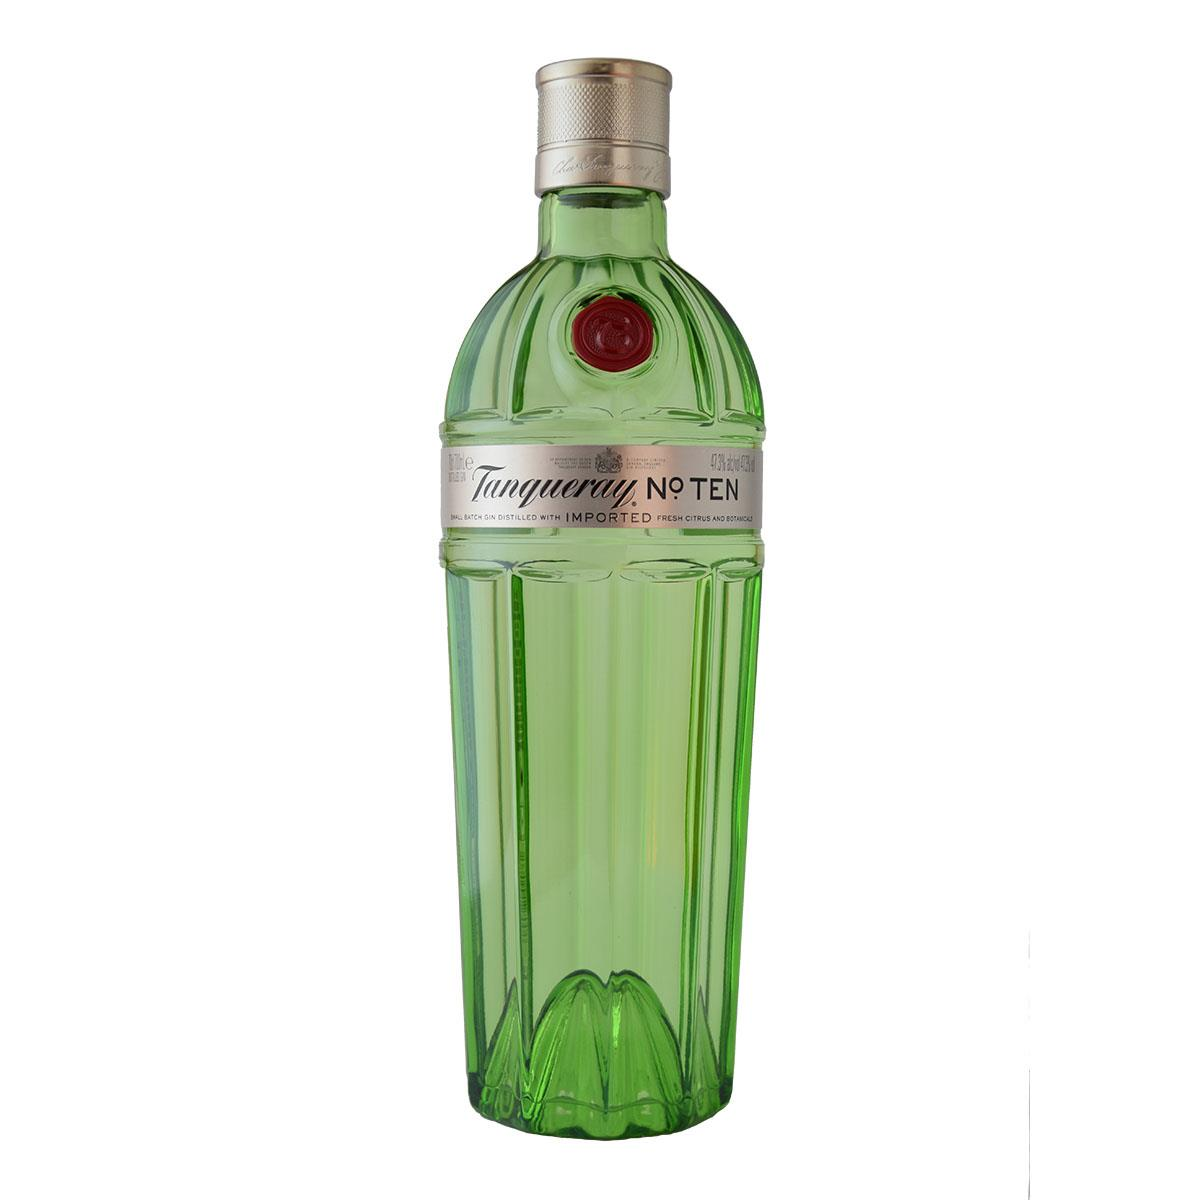 Tanqueray No Ten Gin 700ml